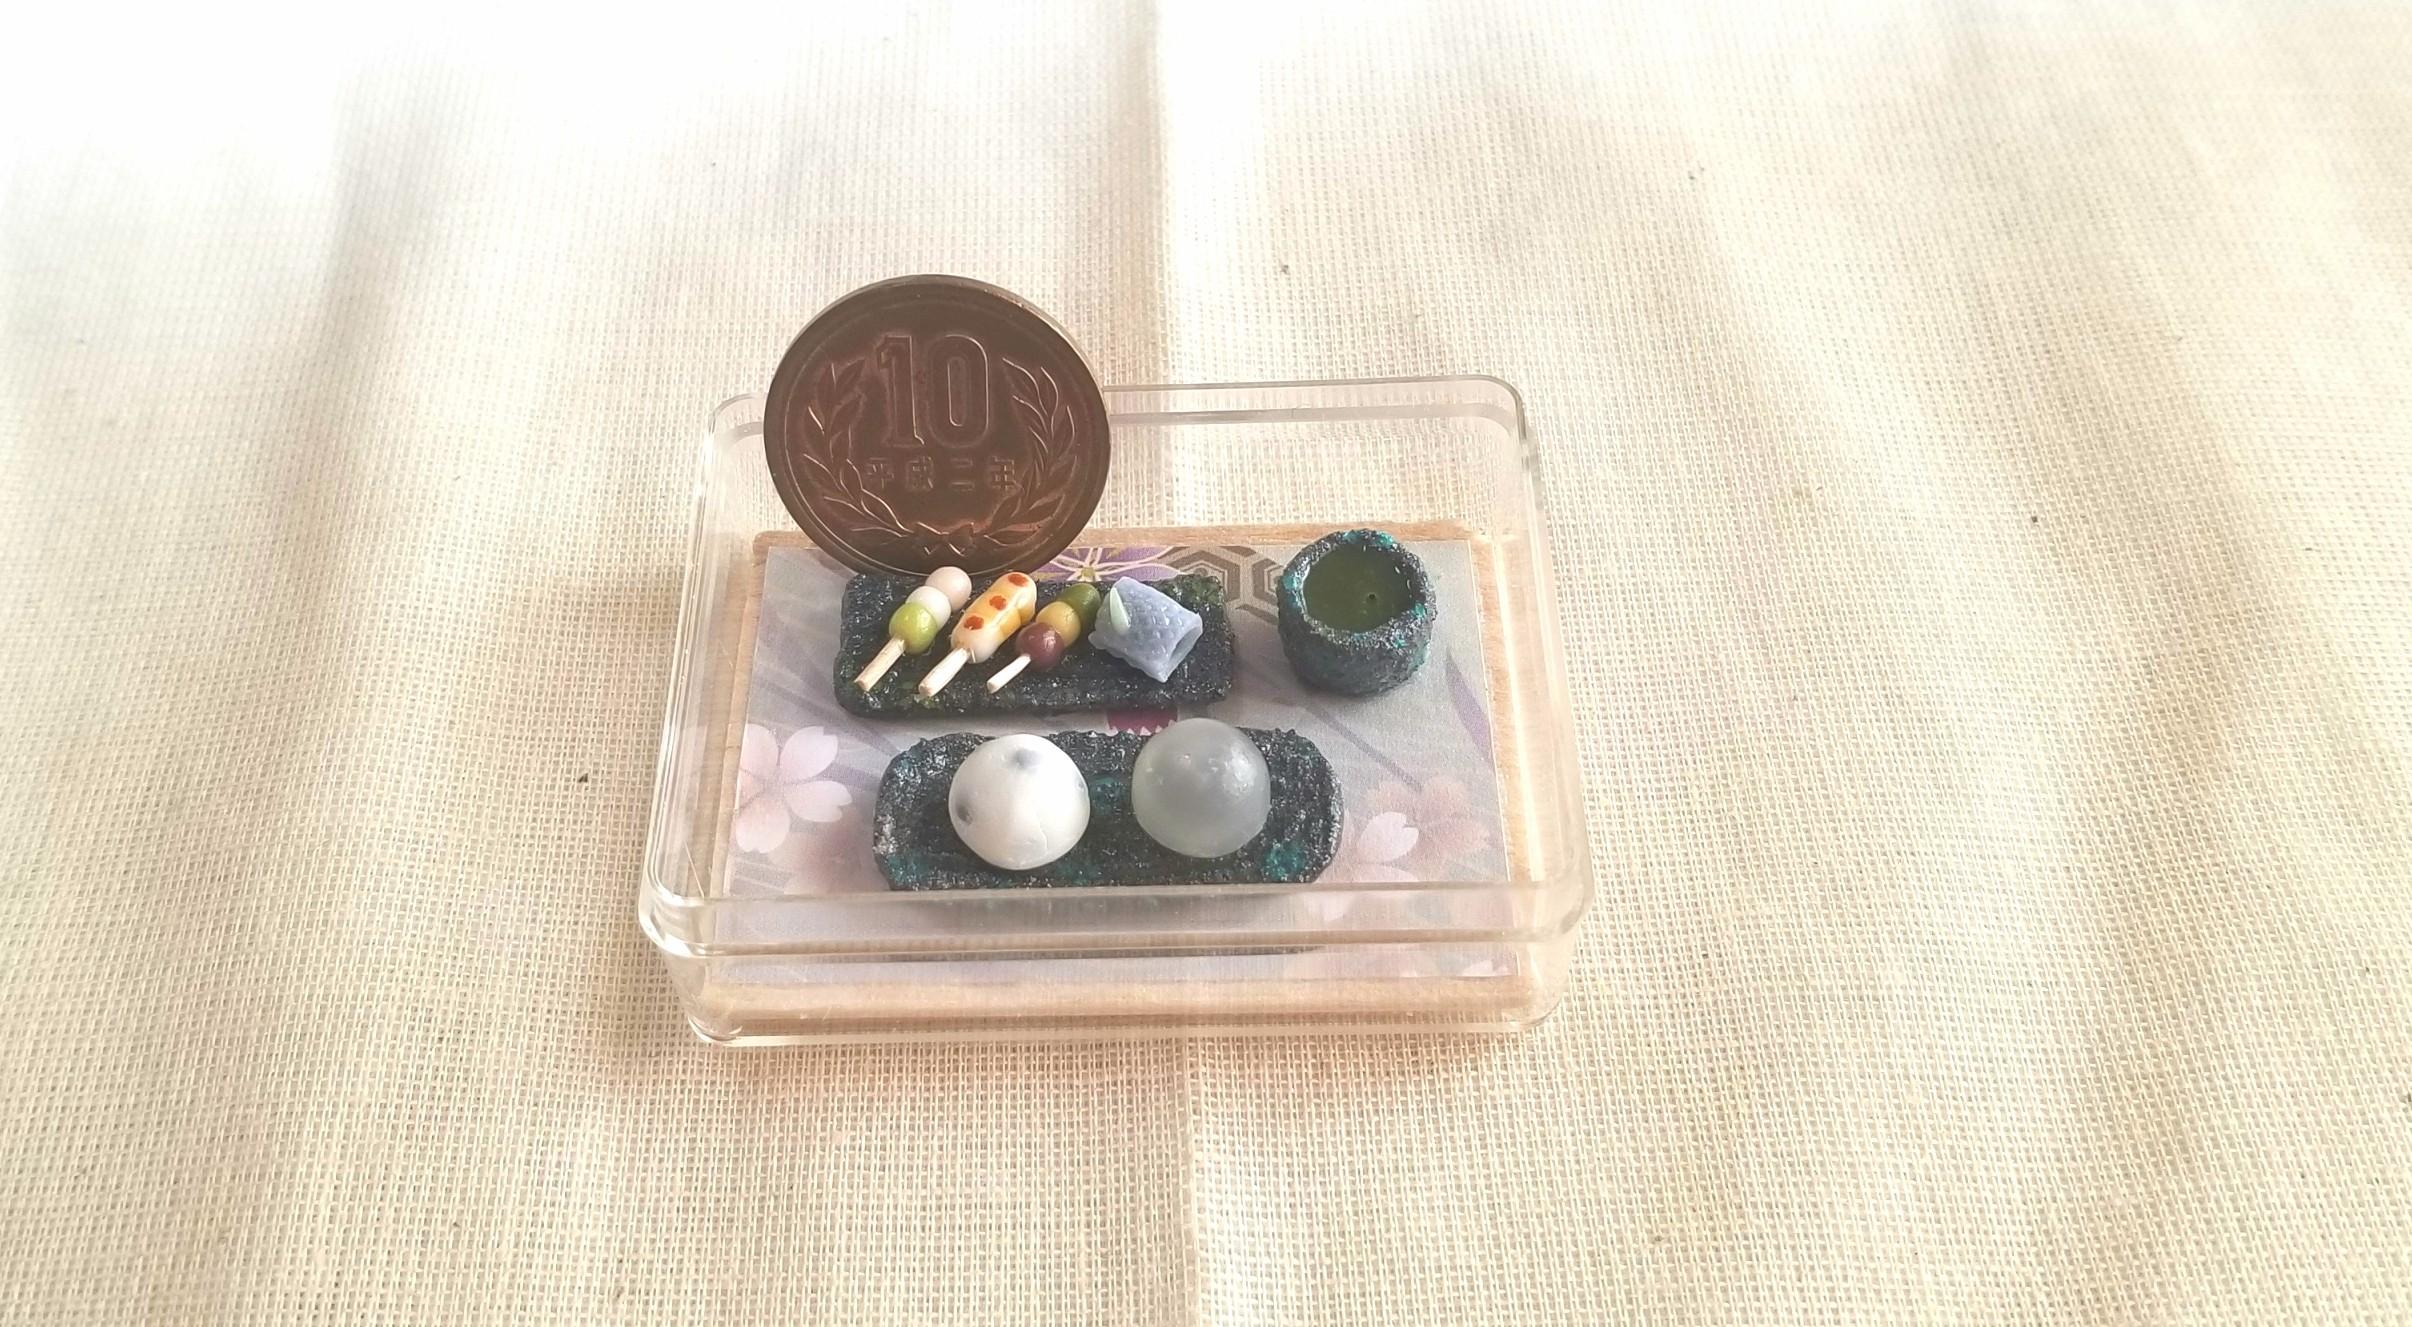 坊っちゃん団子,抹茶,和菓子,ミニチュアフード,ミニスウィーツドール